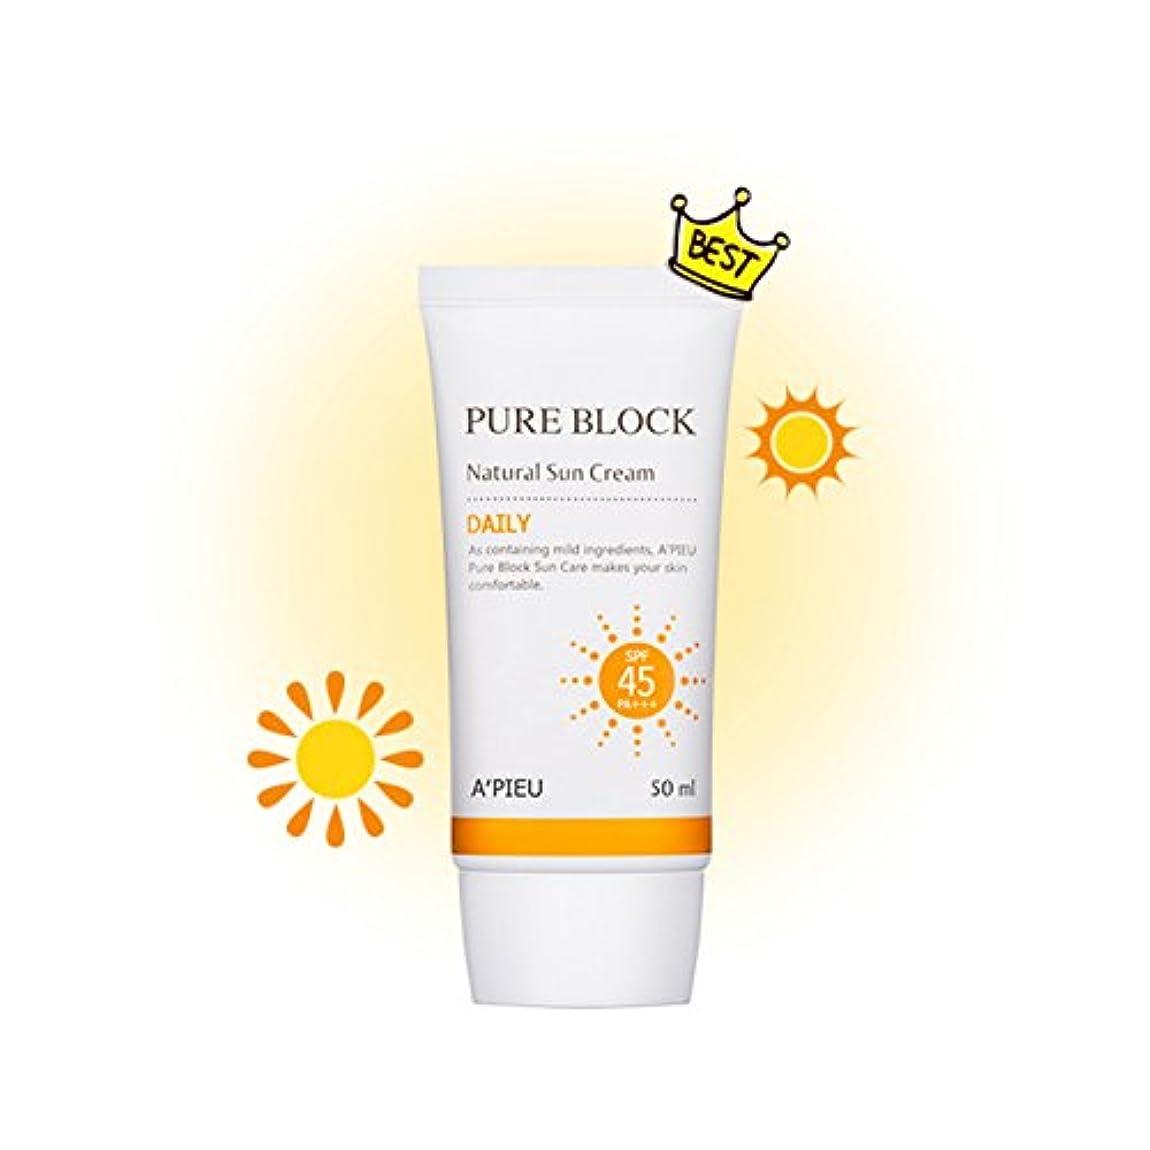 出来事ポルノ価値のない[オピュ] A'PIEU ピュアブロックナチュラルデイリー日焼け止め Pure Block Natural Daily Sun Cream SPF 45 PA+++ [並行輸入品]